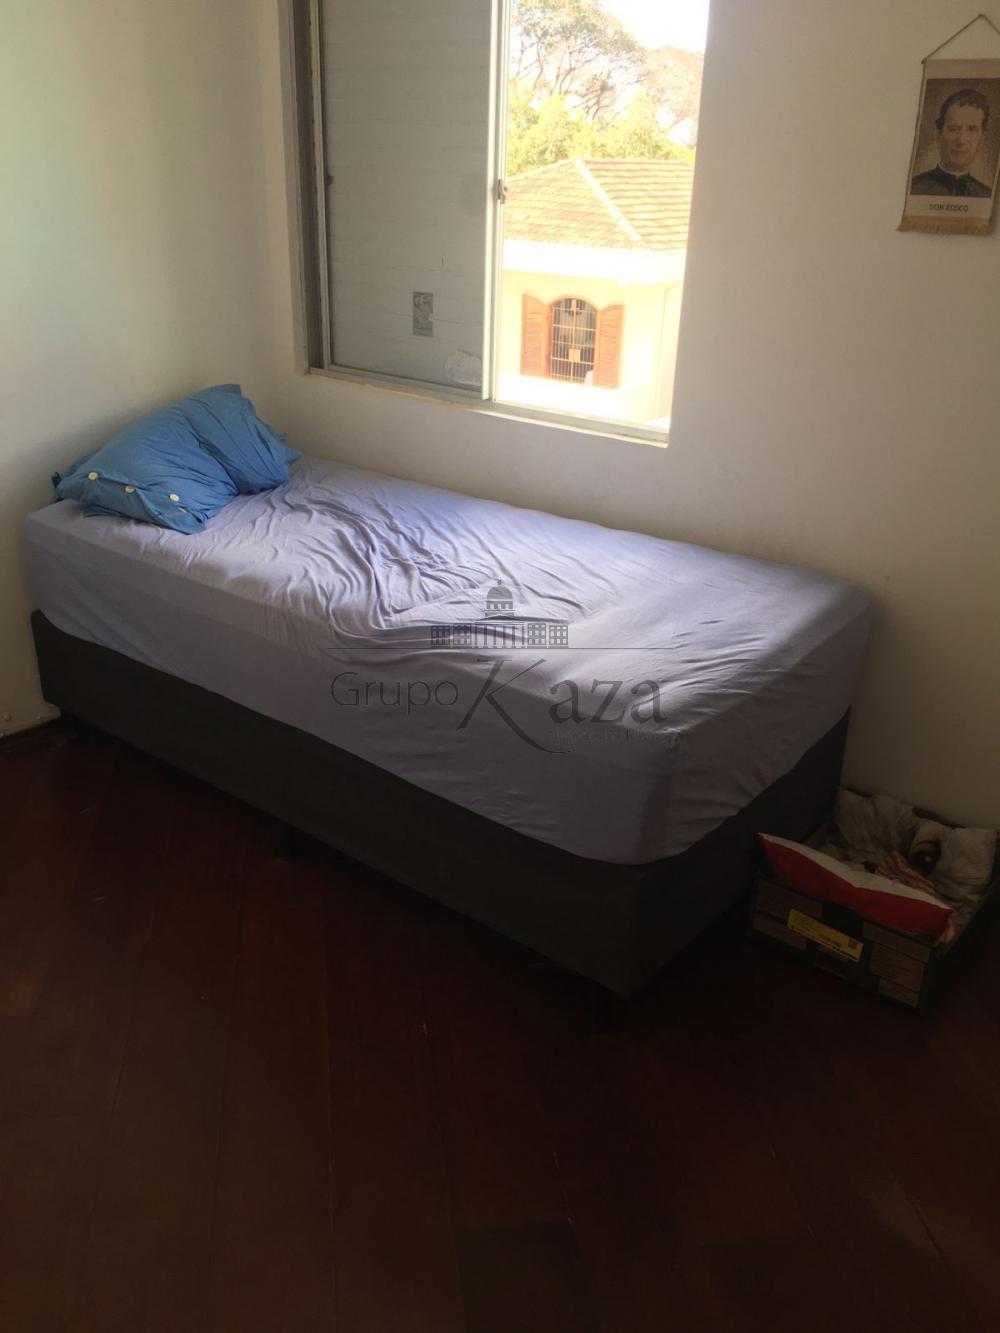 alt='Comprar Apartamento / Padrão em São José dos Campos R$ 300.000,00 - Foto 4' title='Comprar Apartamento / Padrão em São José dos Campos R$ 300.000,00 - Foto 4'